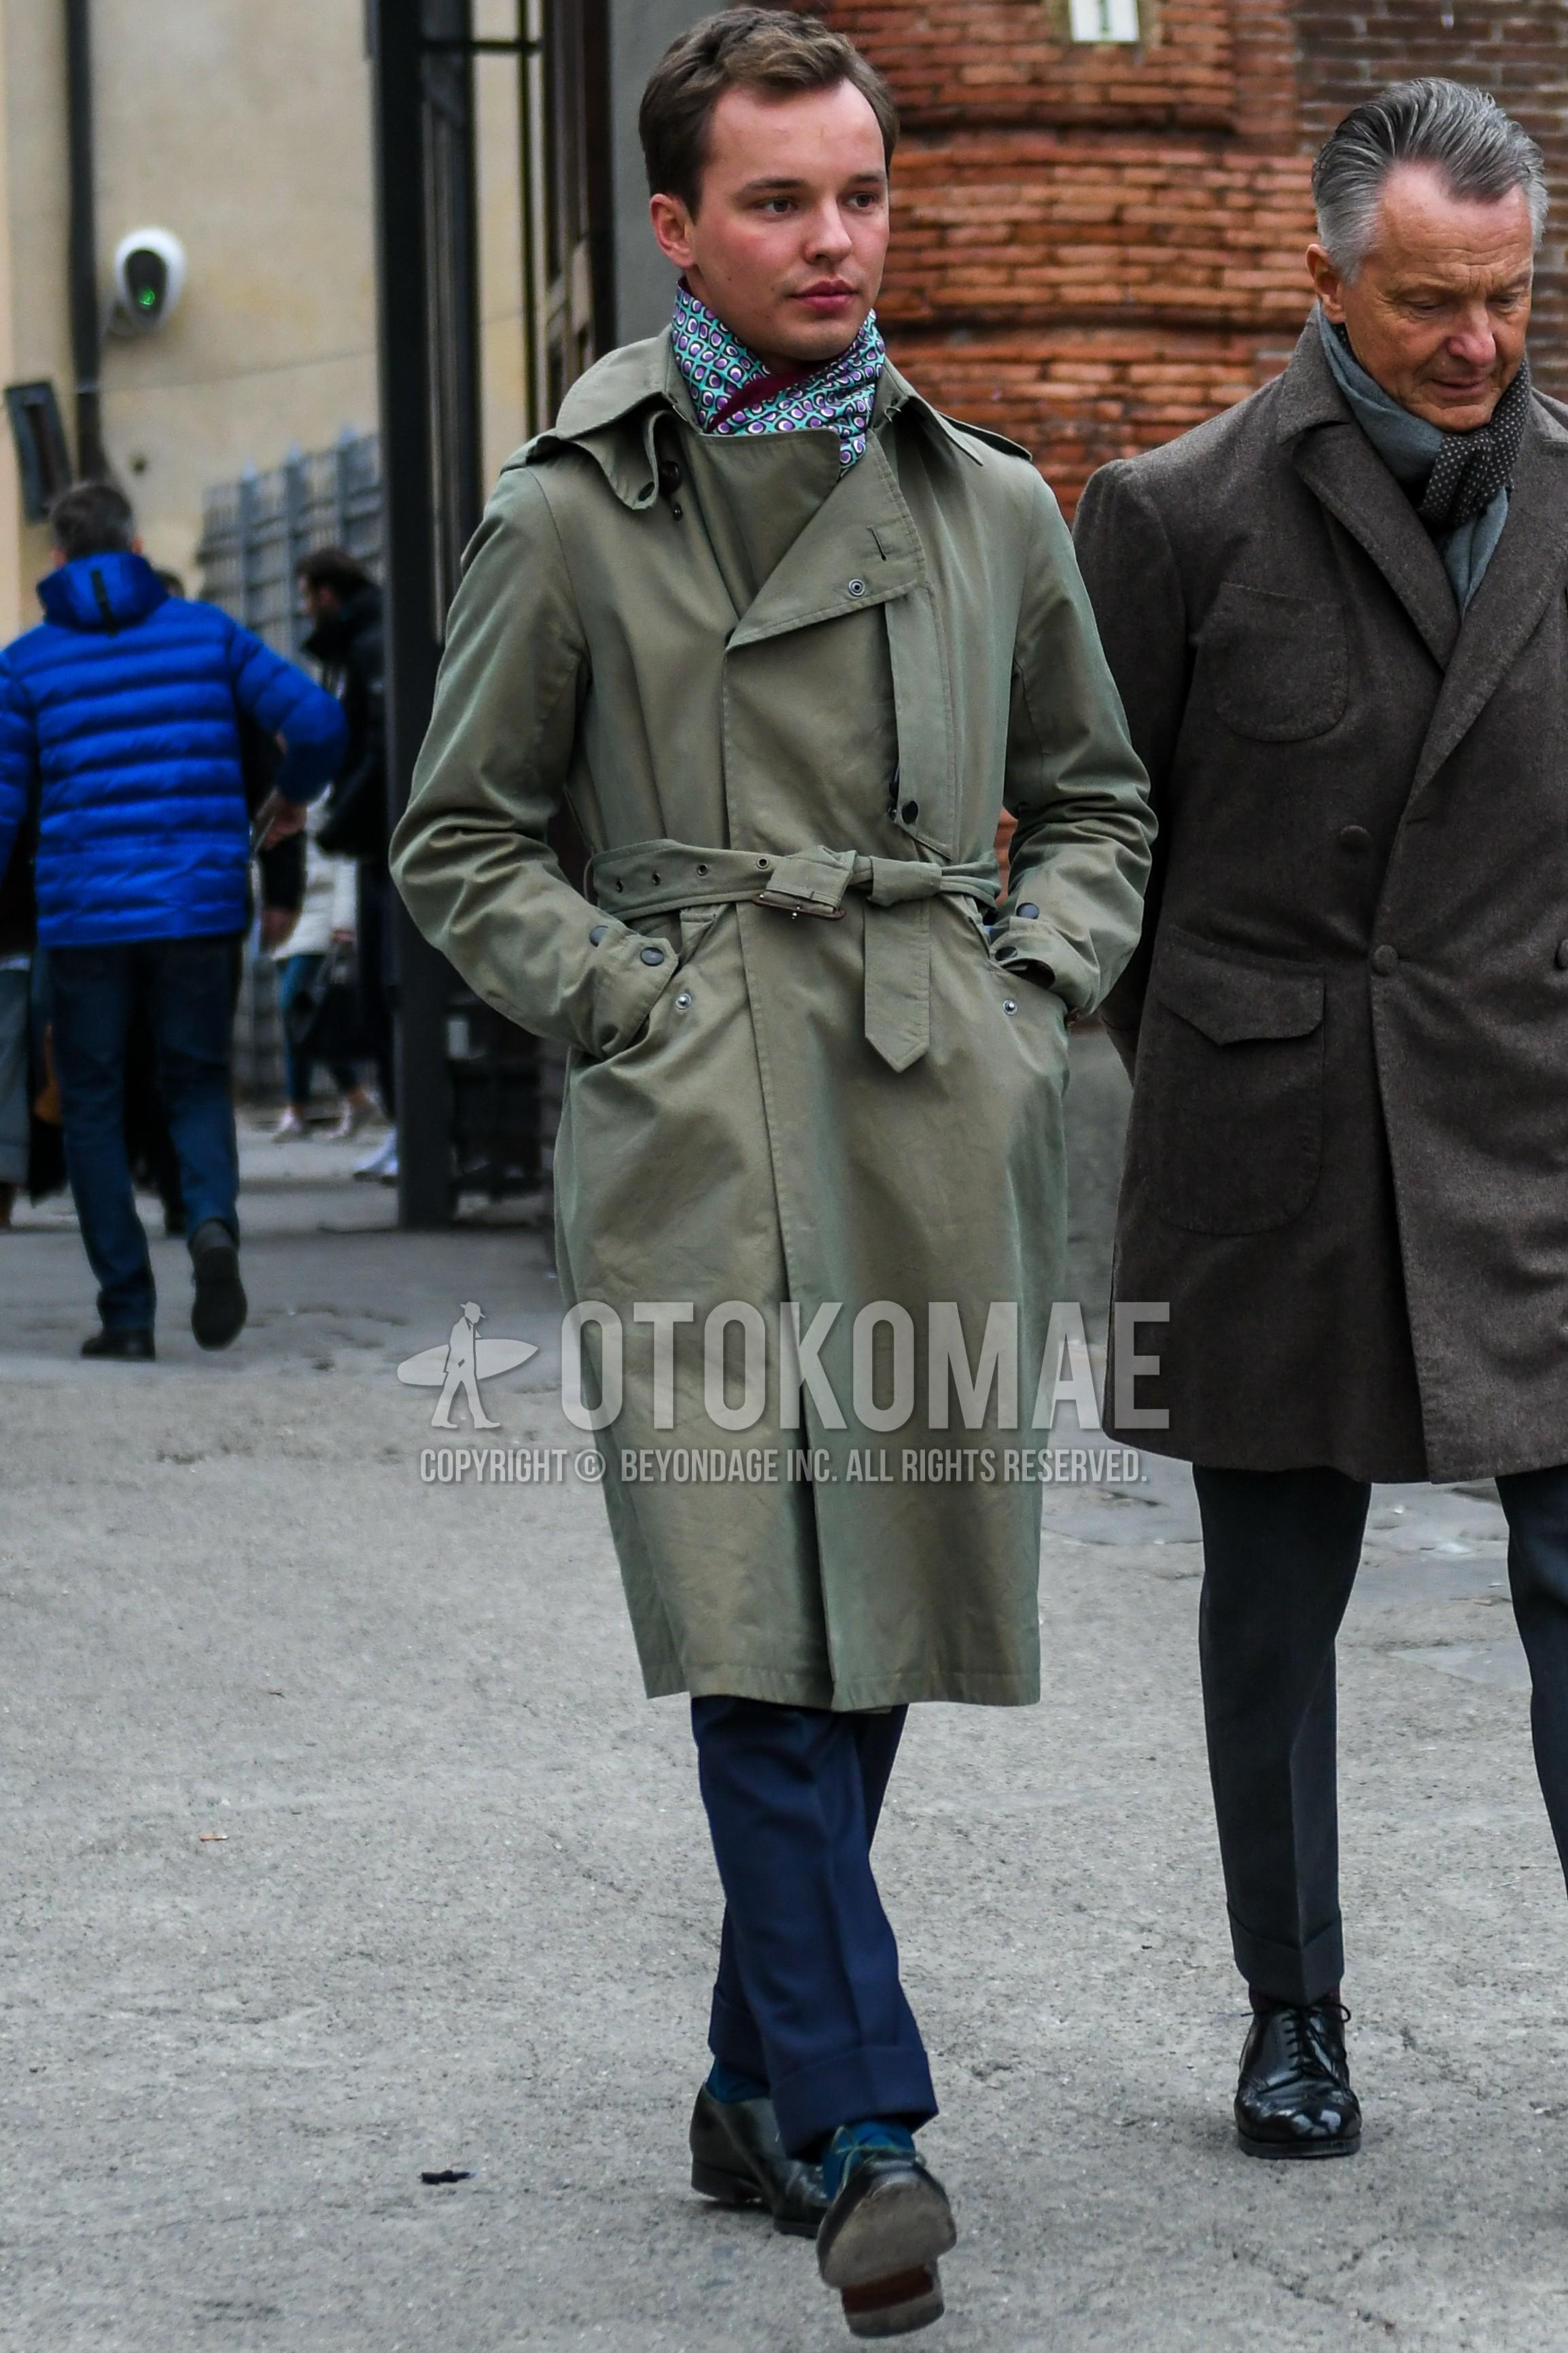 マルチカラー小紋のマフラー/ストール、オリーブグリーン無地のトレンチコート、オリーブグリーン無地のベルテッドコート、グレー無地のスラックス、グレー無地のソックス、黒プレーントゥの革靴を合わせた秋冬のメンズコーデ・着こなし。